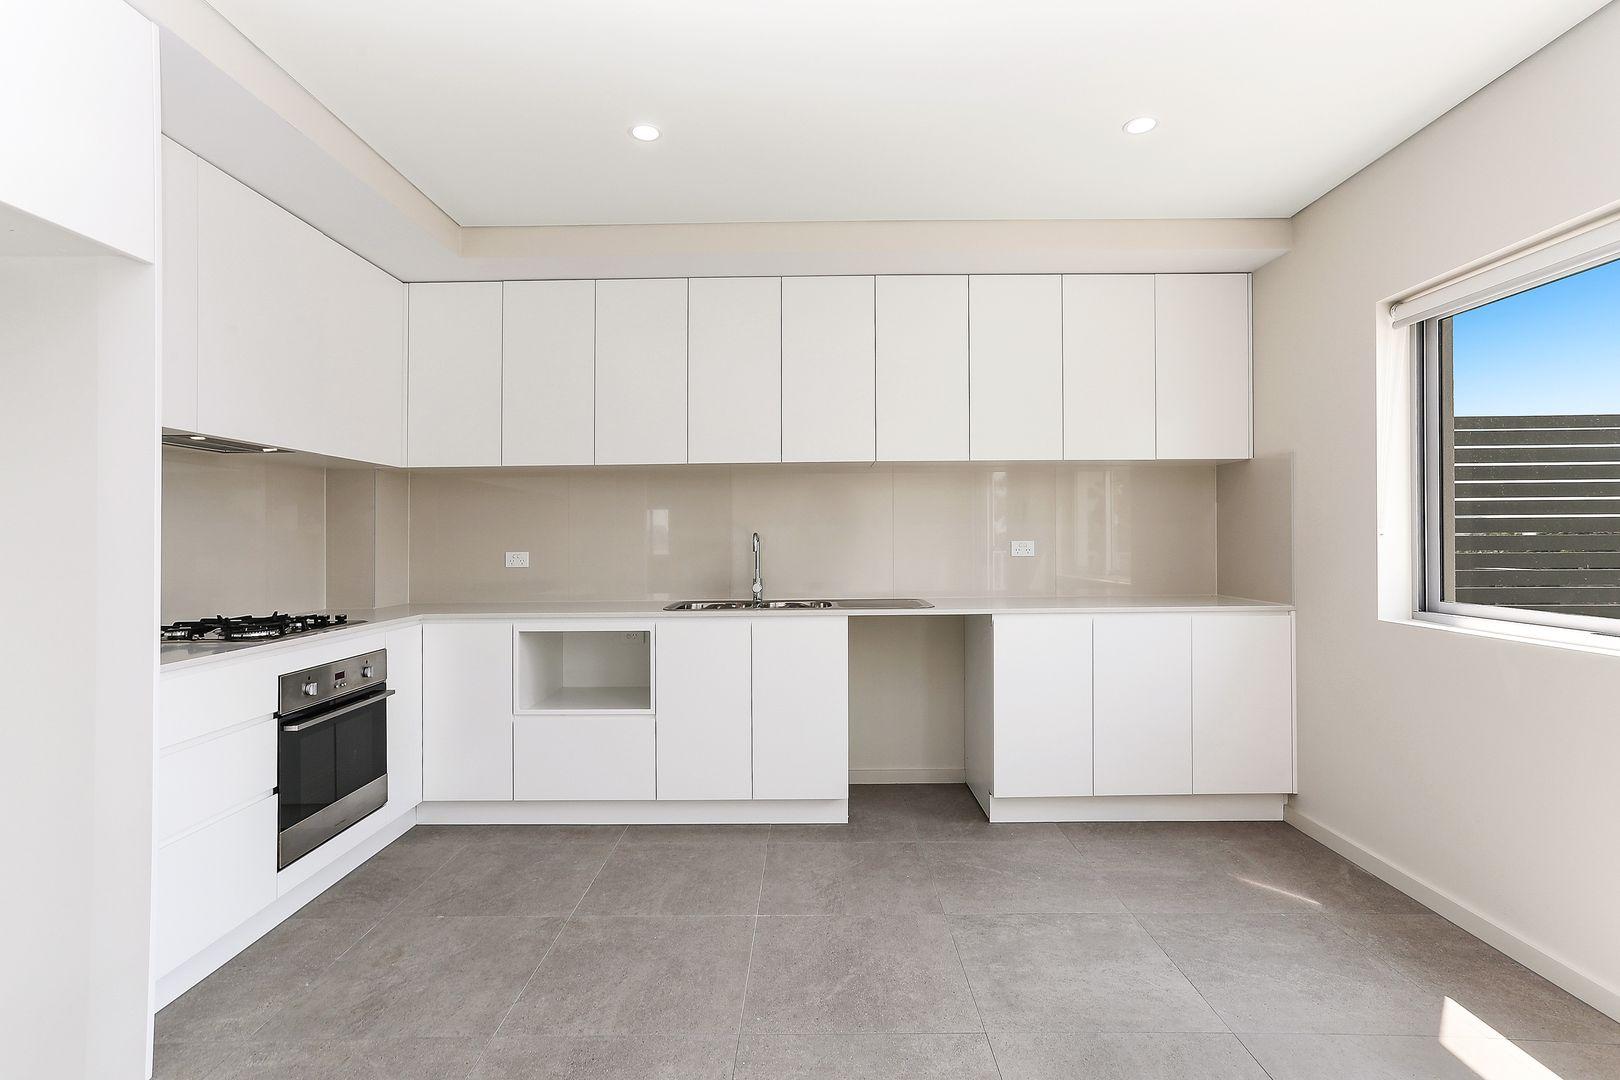 2/1 Cambridge Street, Merrylands NSW 2160, Image 2